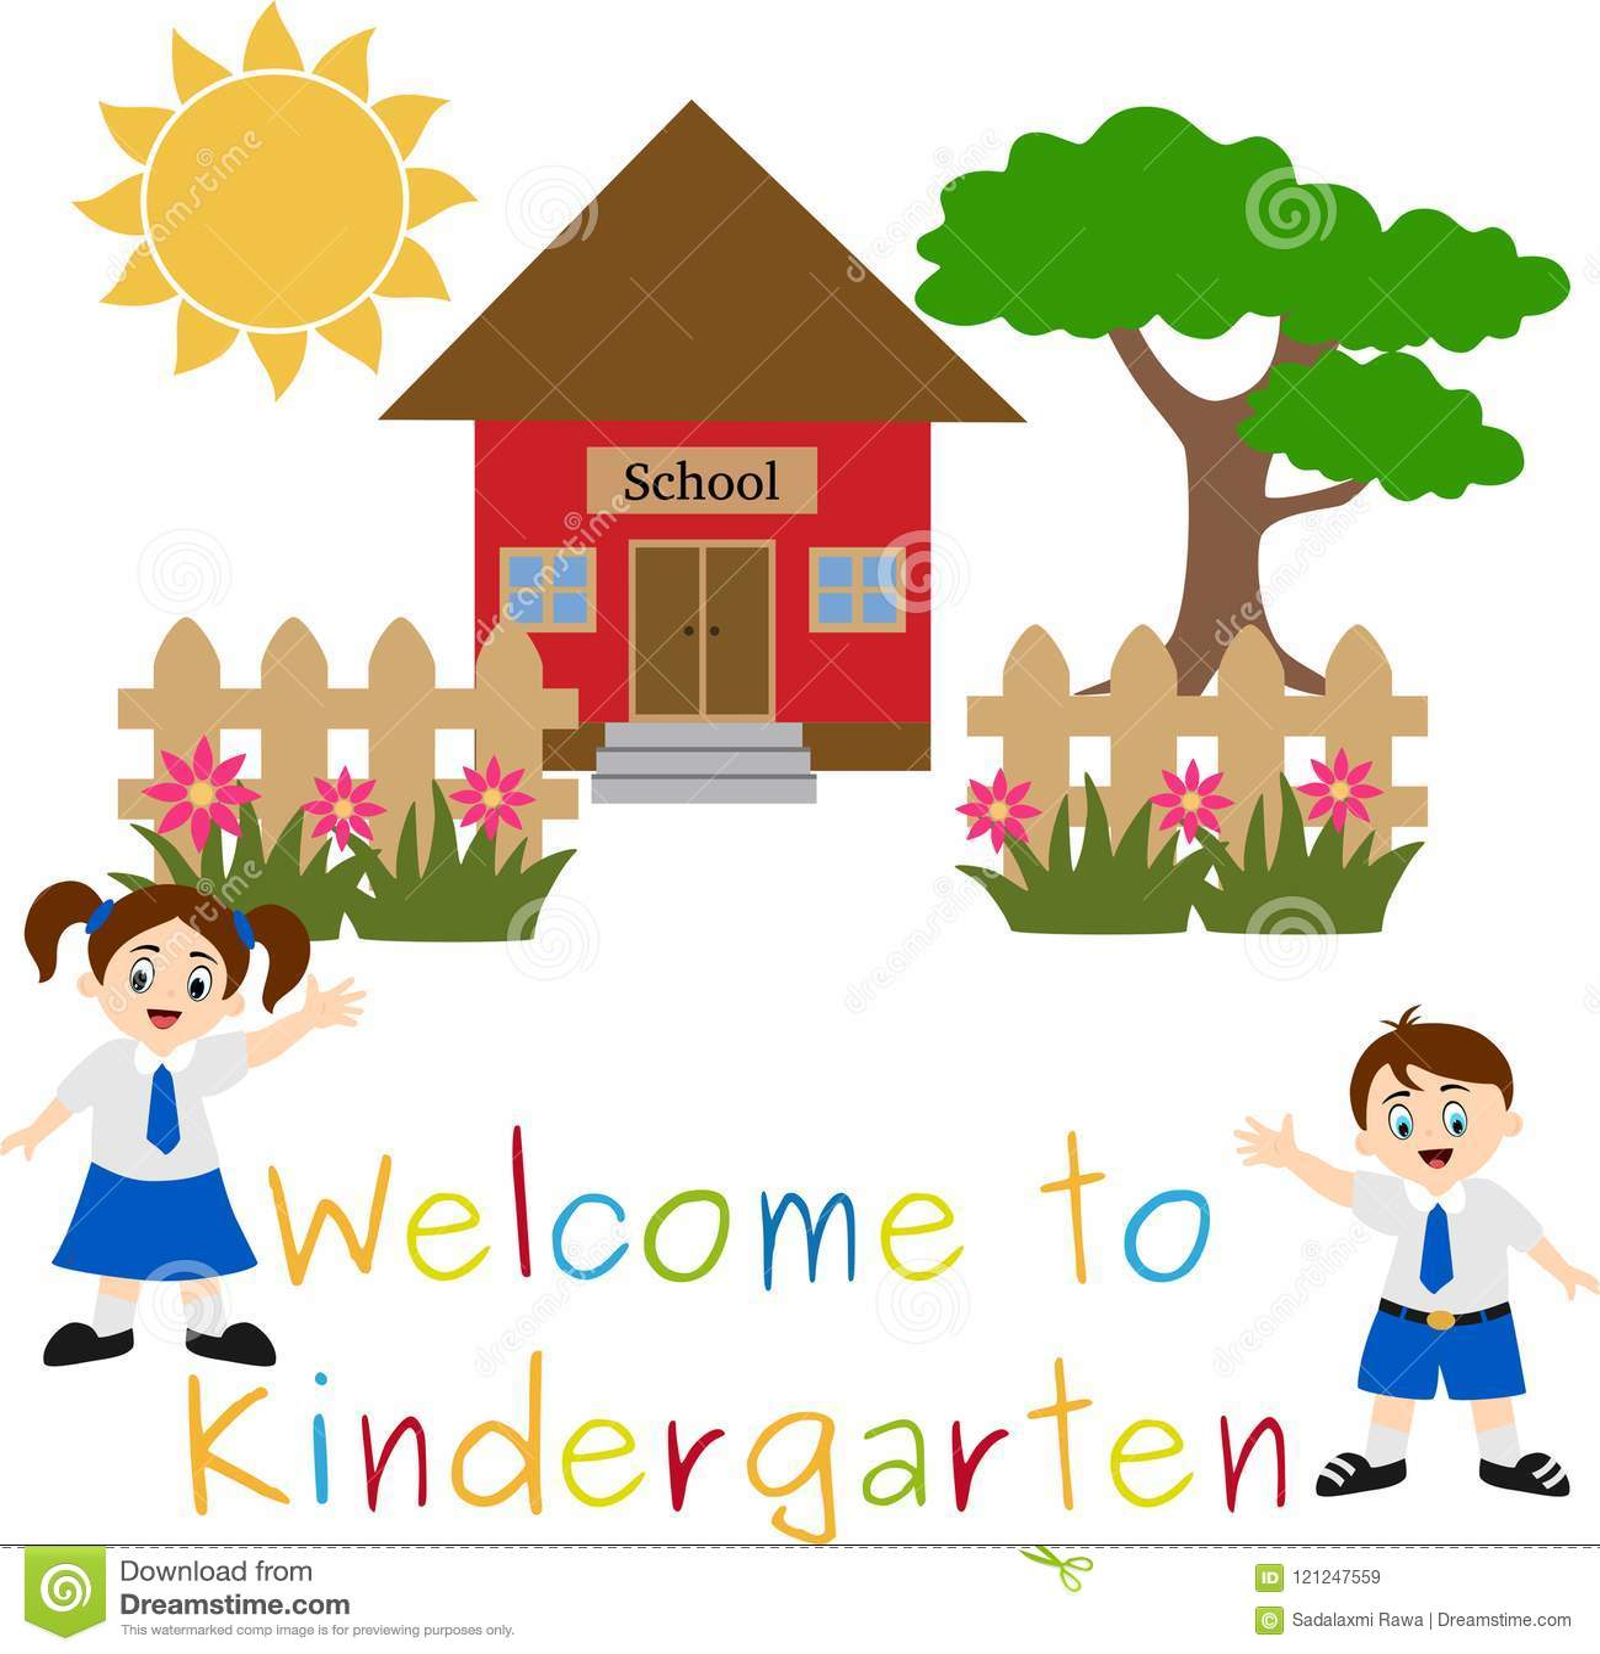 Kindergarten Welcoming to School Illustration